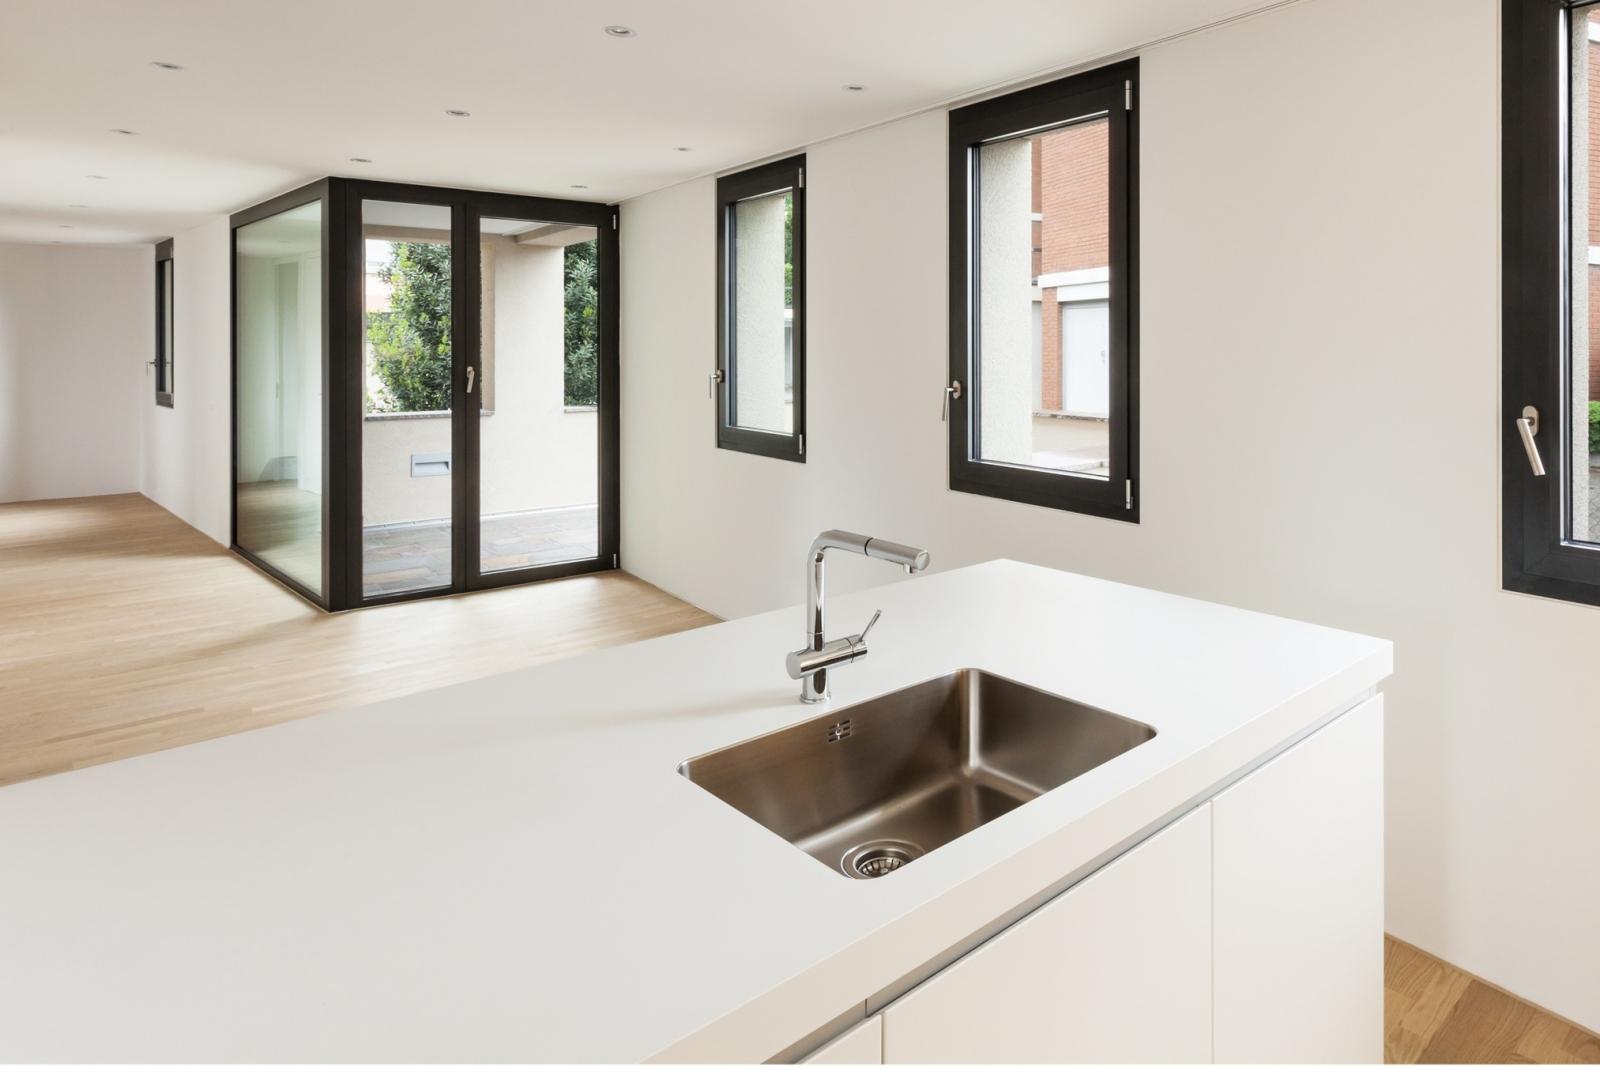 Keukenwerkbladen Hout: Keukenwerkbladen hout mijn eigenhuis keuken ...